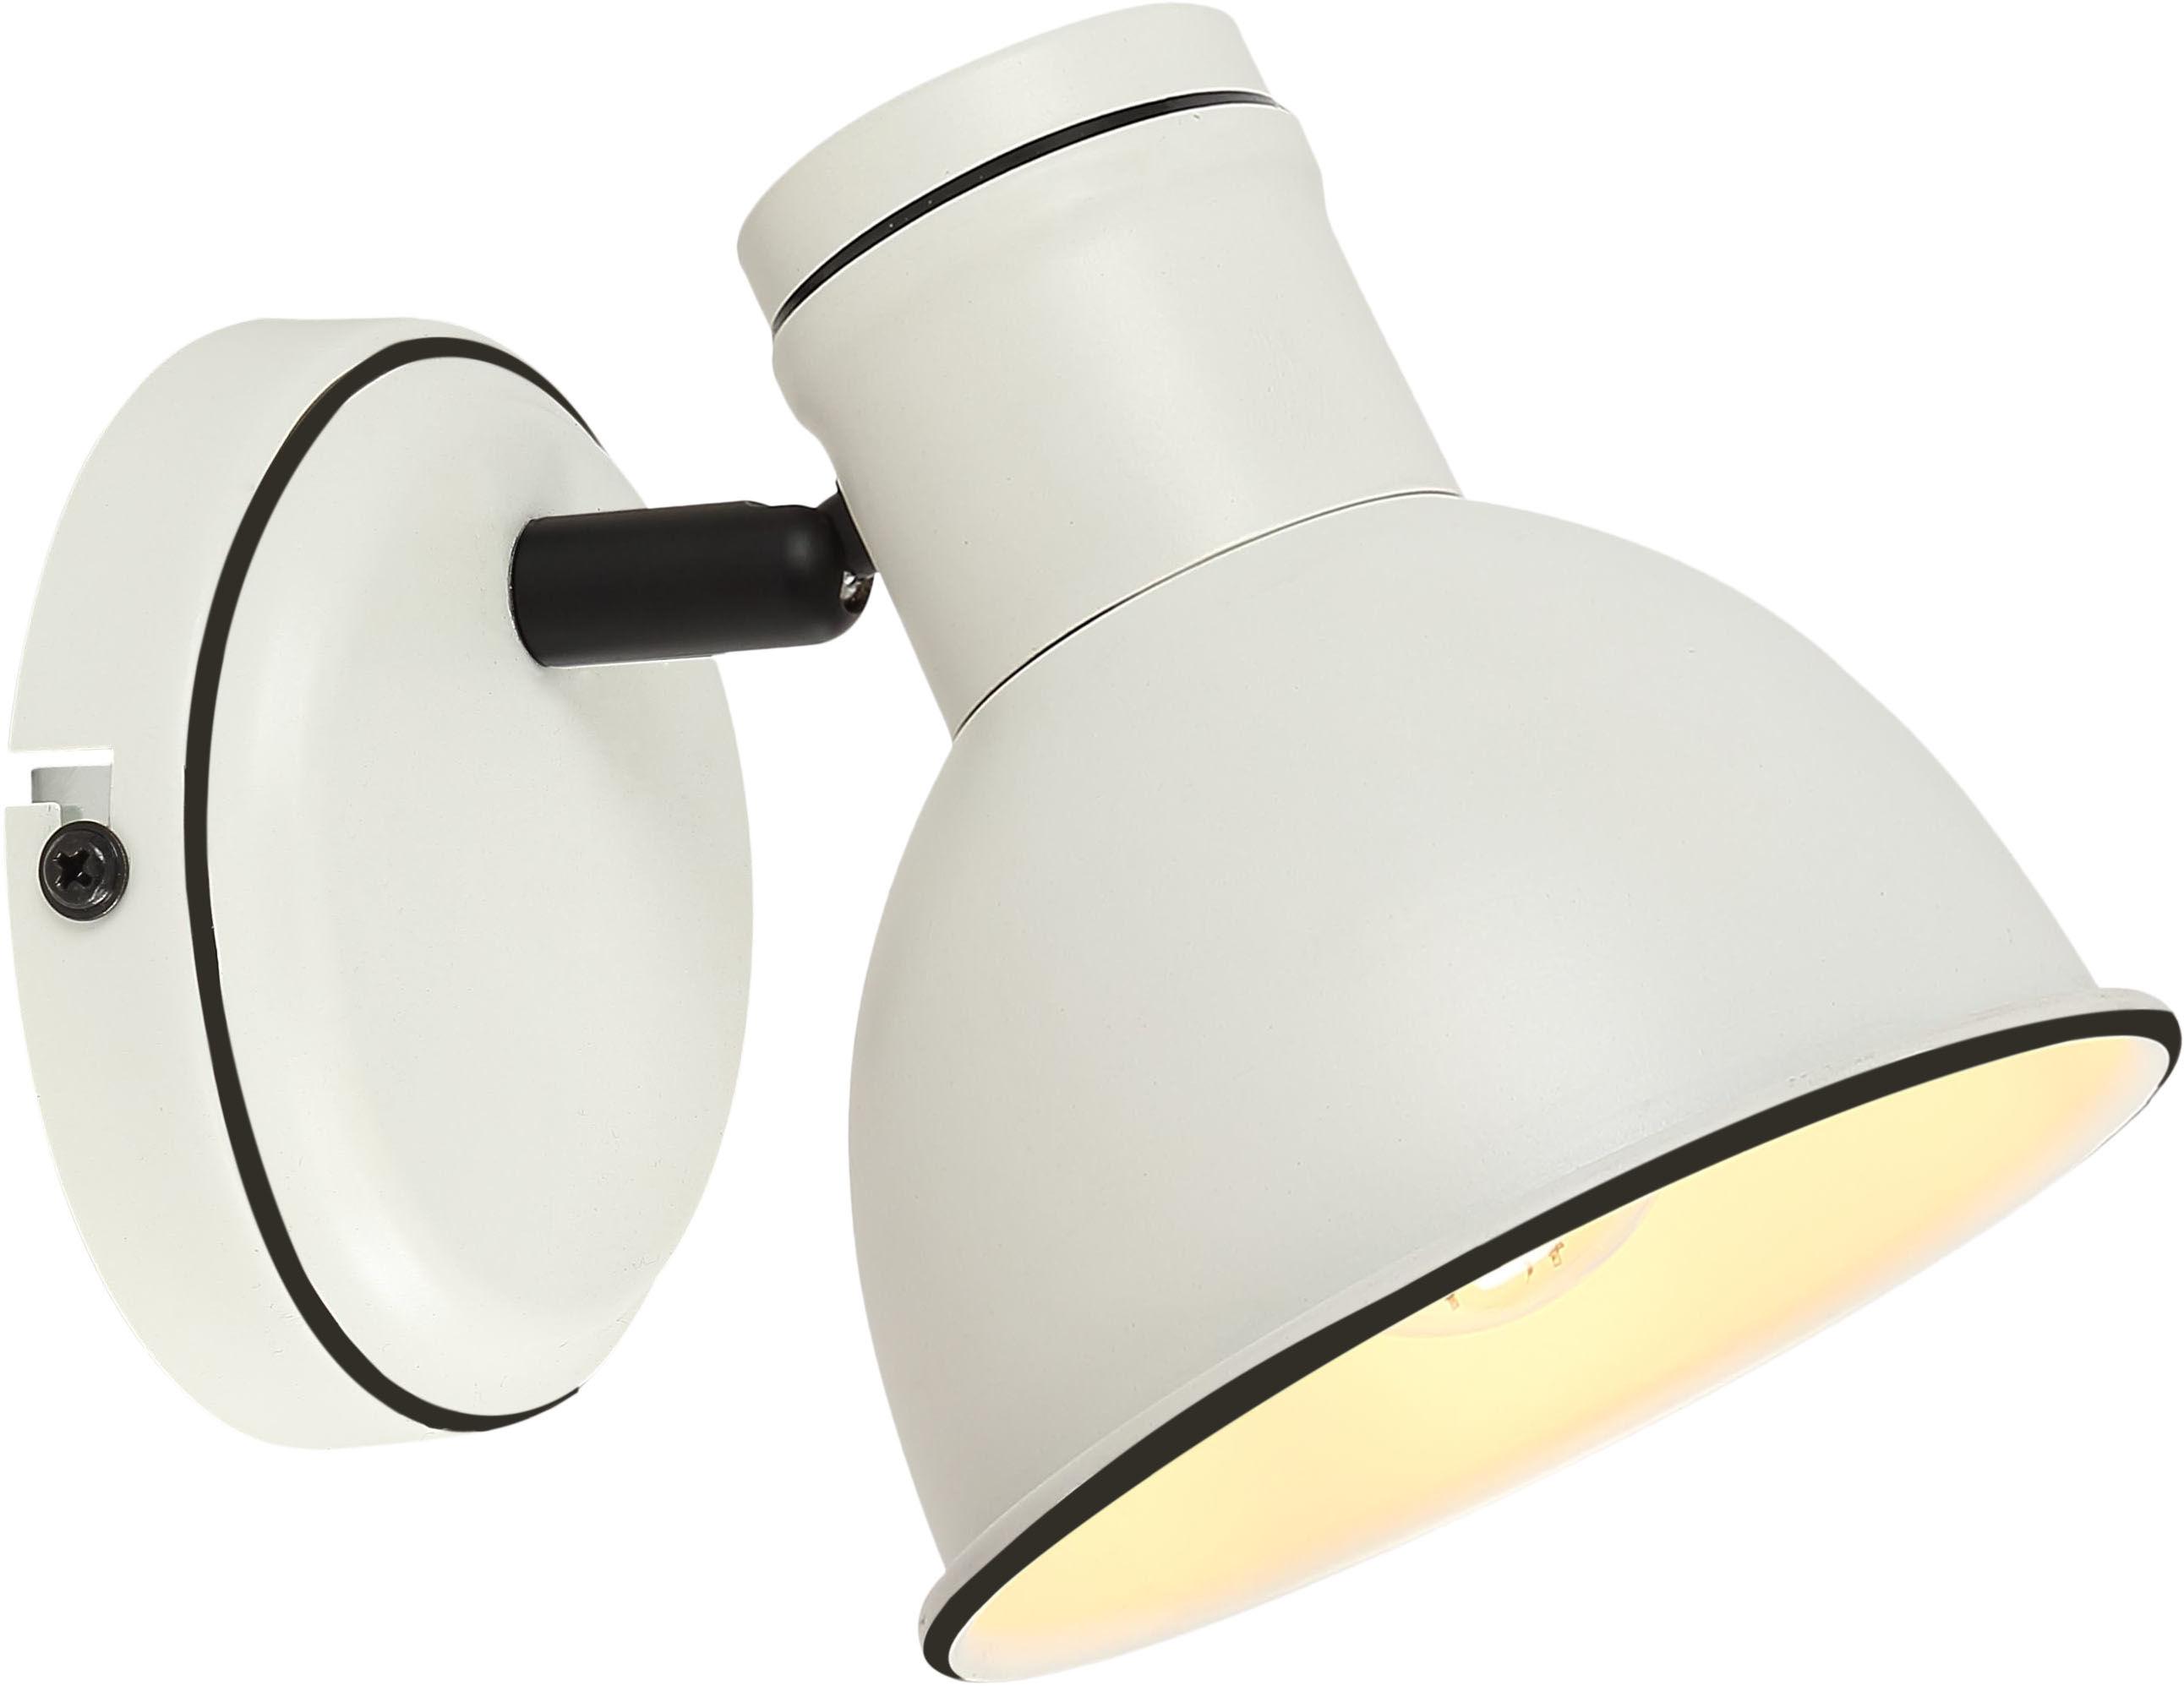 Candellux ZUMBA 91-72115 kinkiet lampa ścienna biała + czarny 1X40W E14